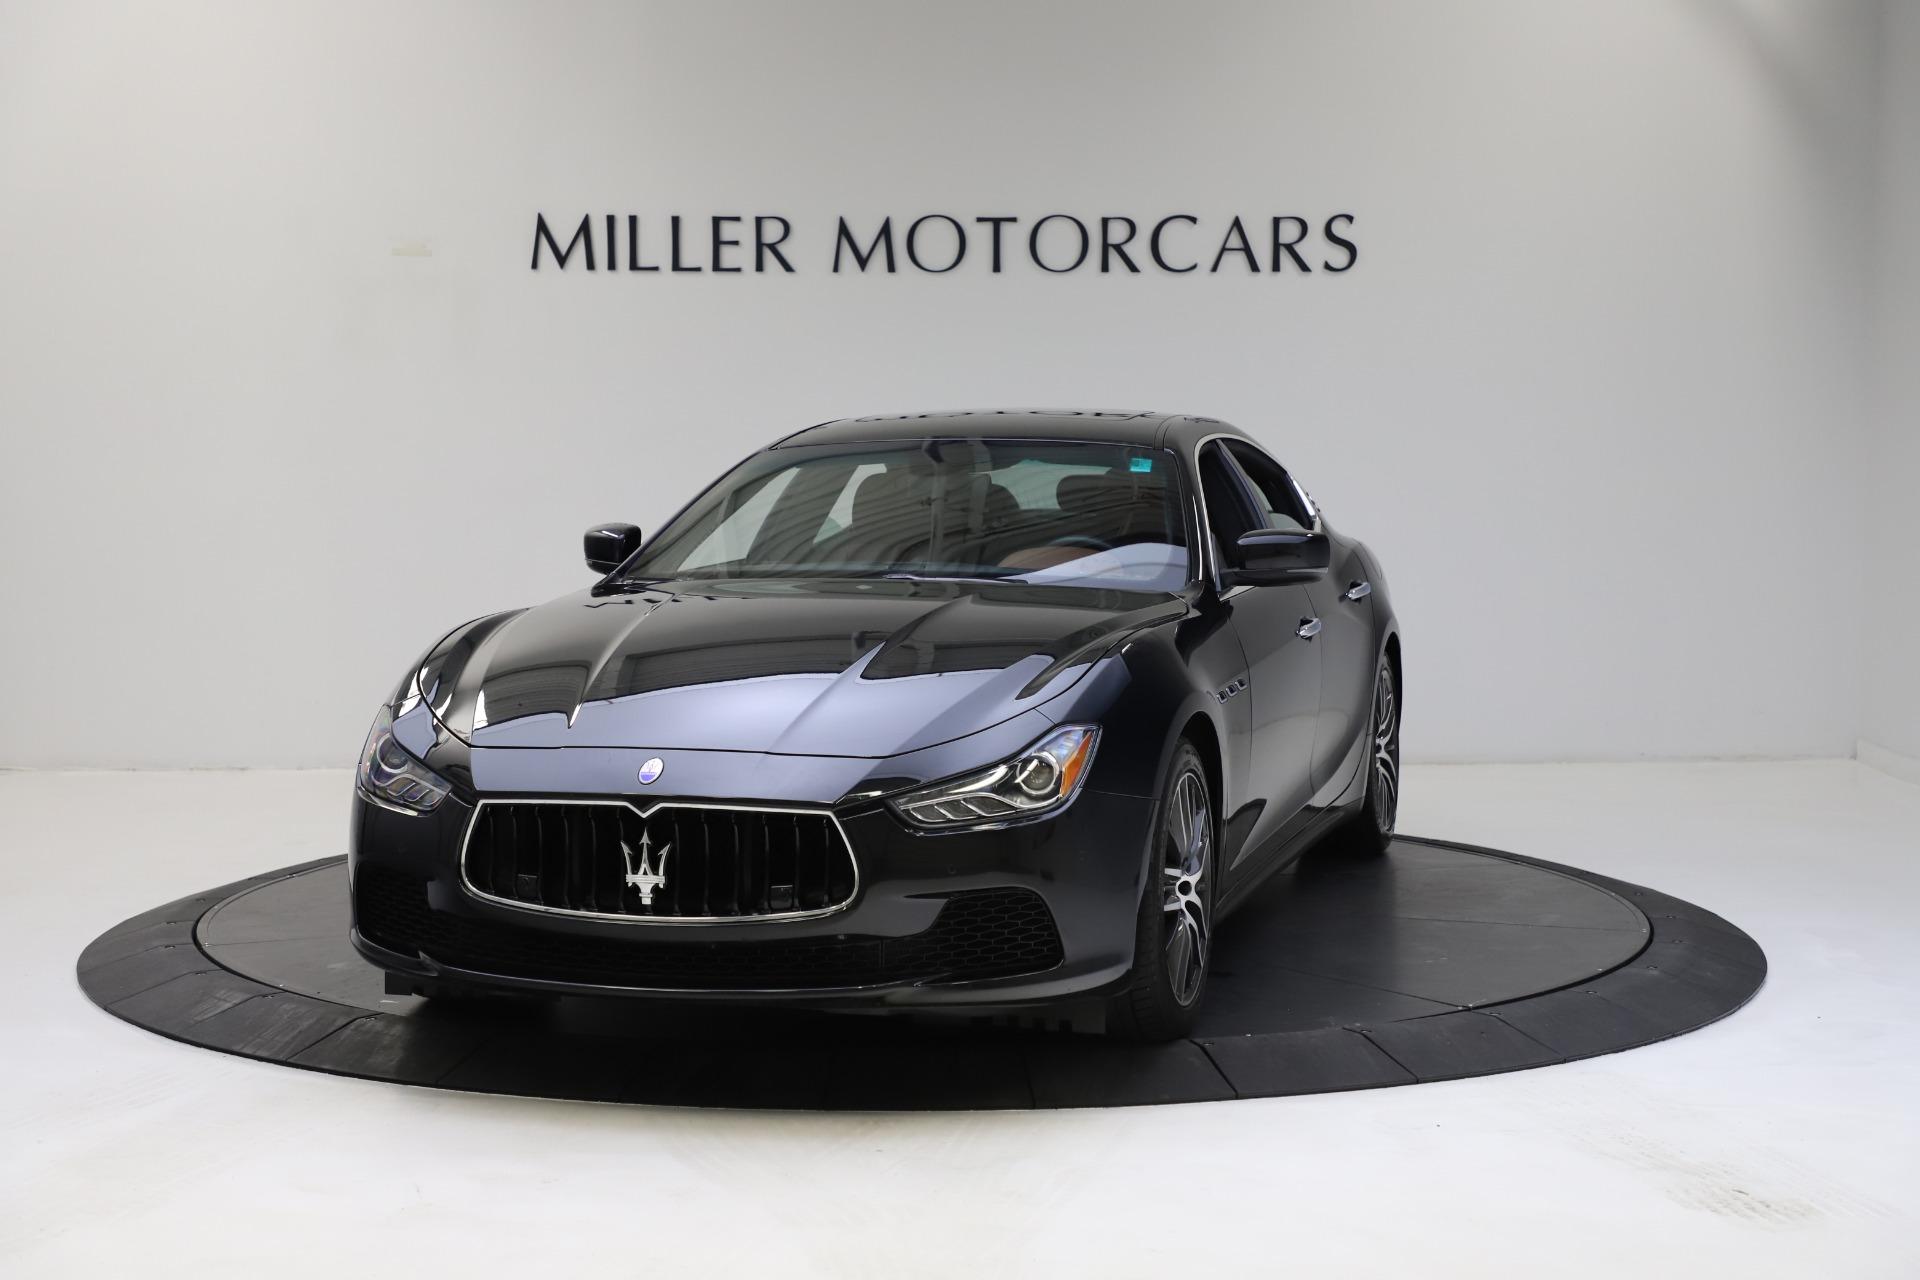 Used 2014 Maserati Ghibli S Q4 for sale $29,900 at Bugatti of Greenwich in Greenwich CT 06830 1